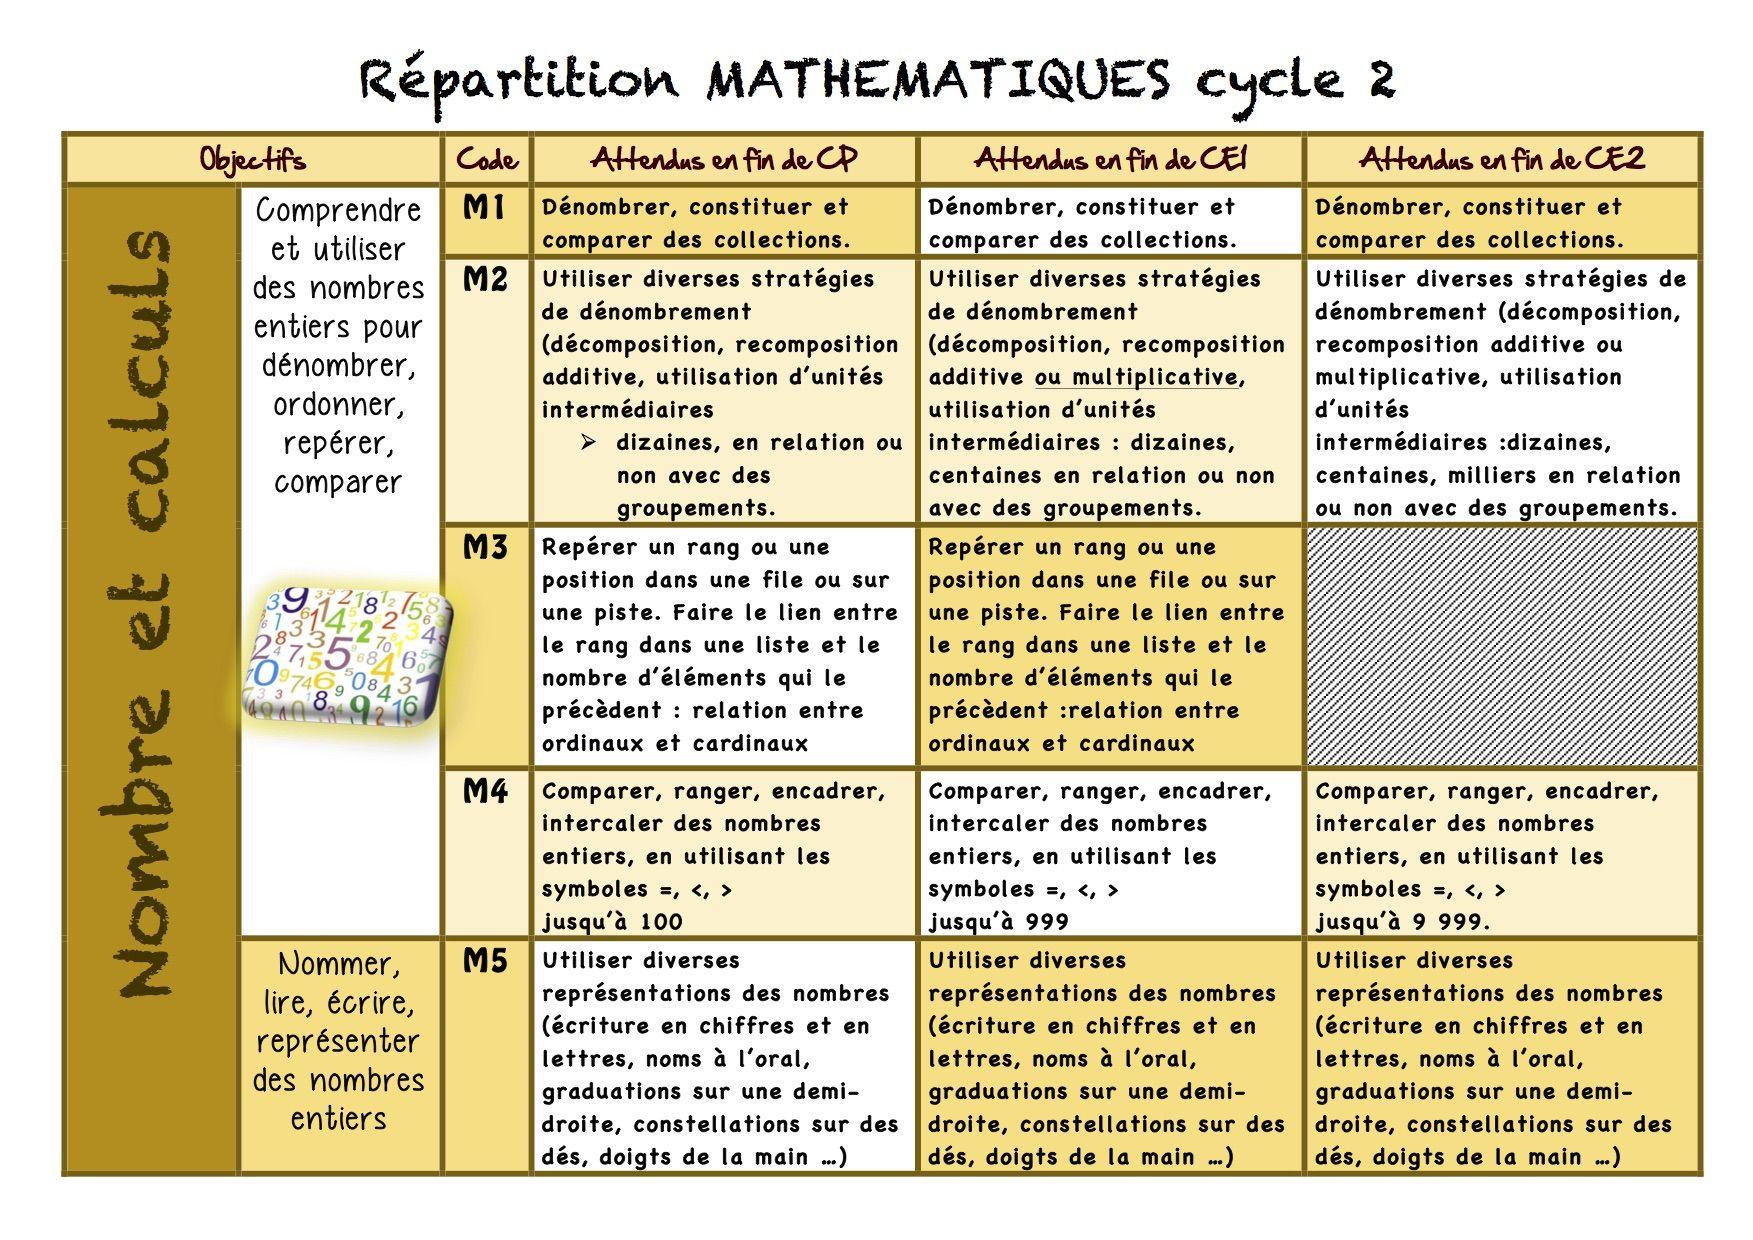 Répartition MATH cycle 2 Programme ce1, Progression ce1